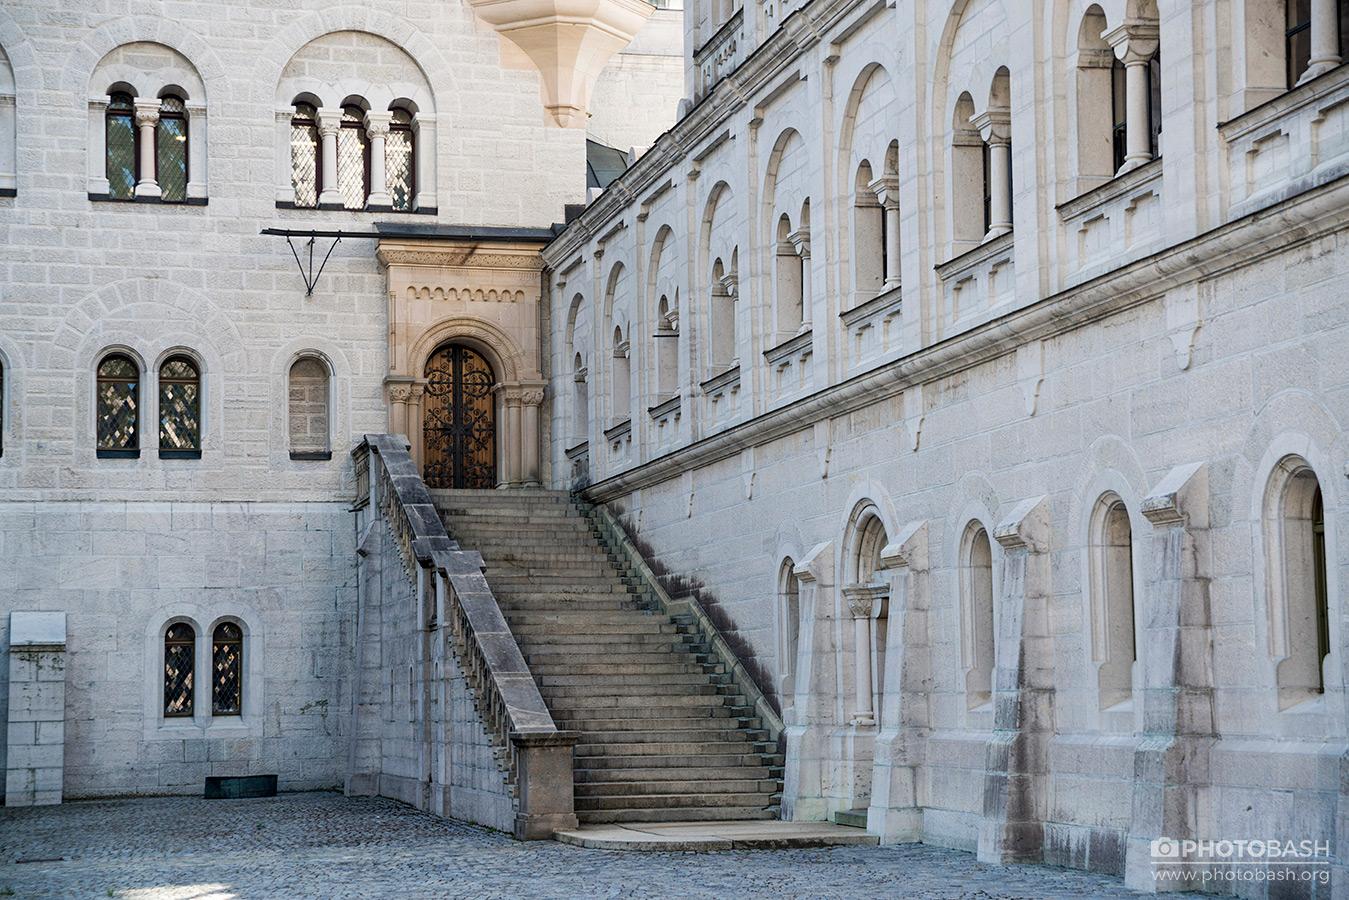 Neuschwanstein-Castle-Staircase-Courtyard.jpg